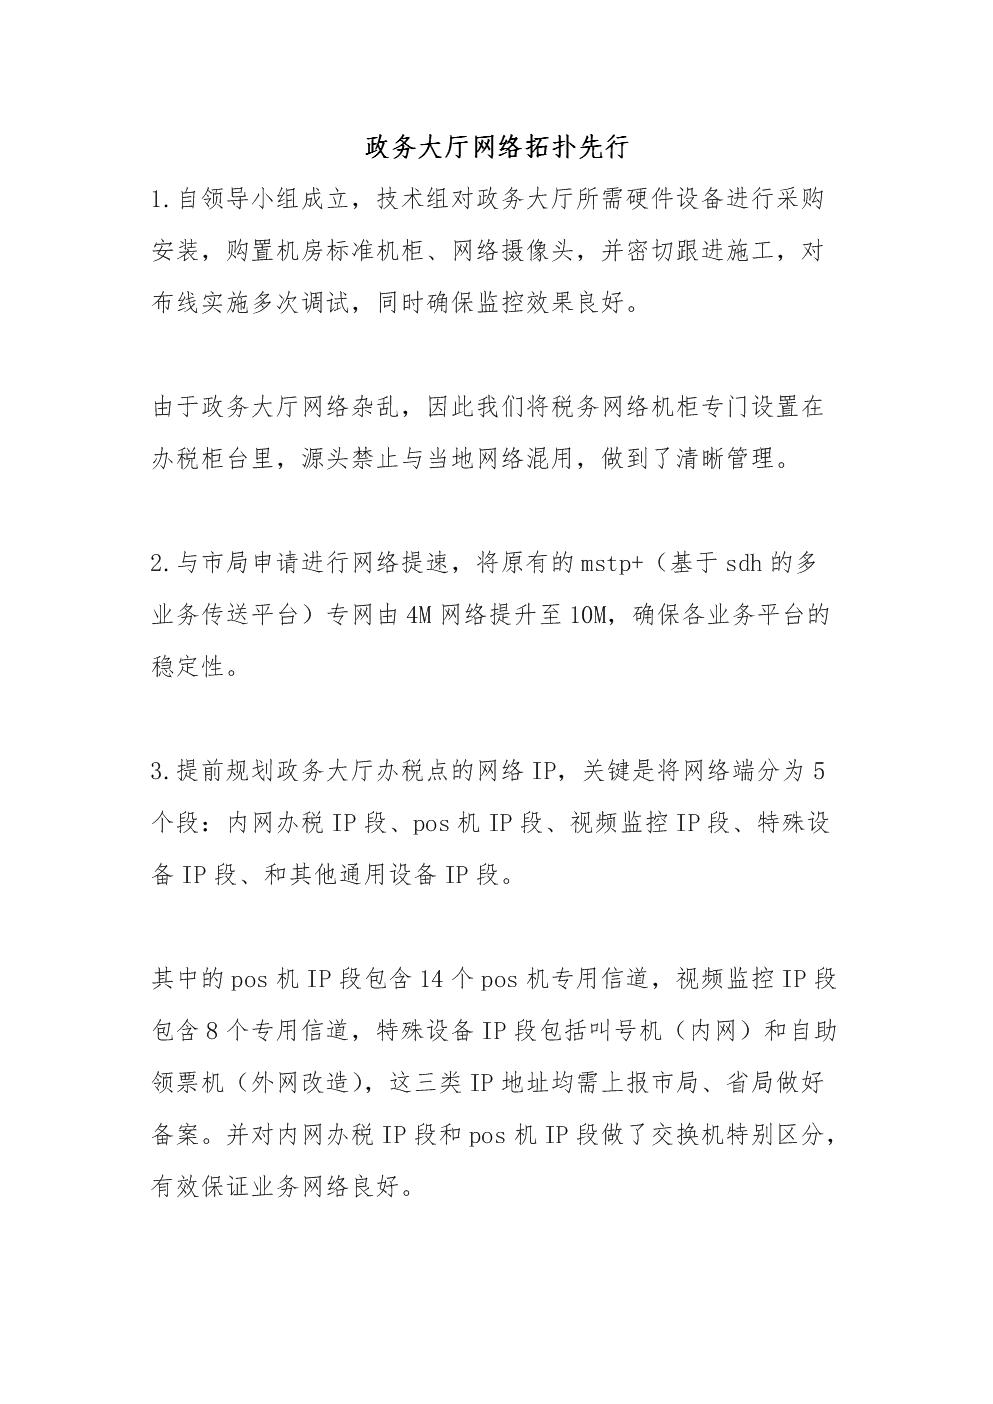 政务大厅网络拓扑先行.docx